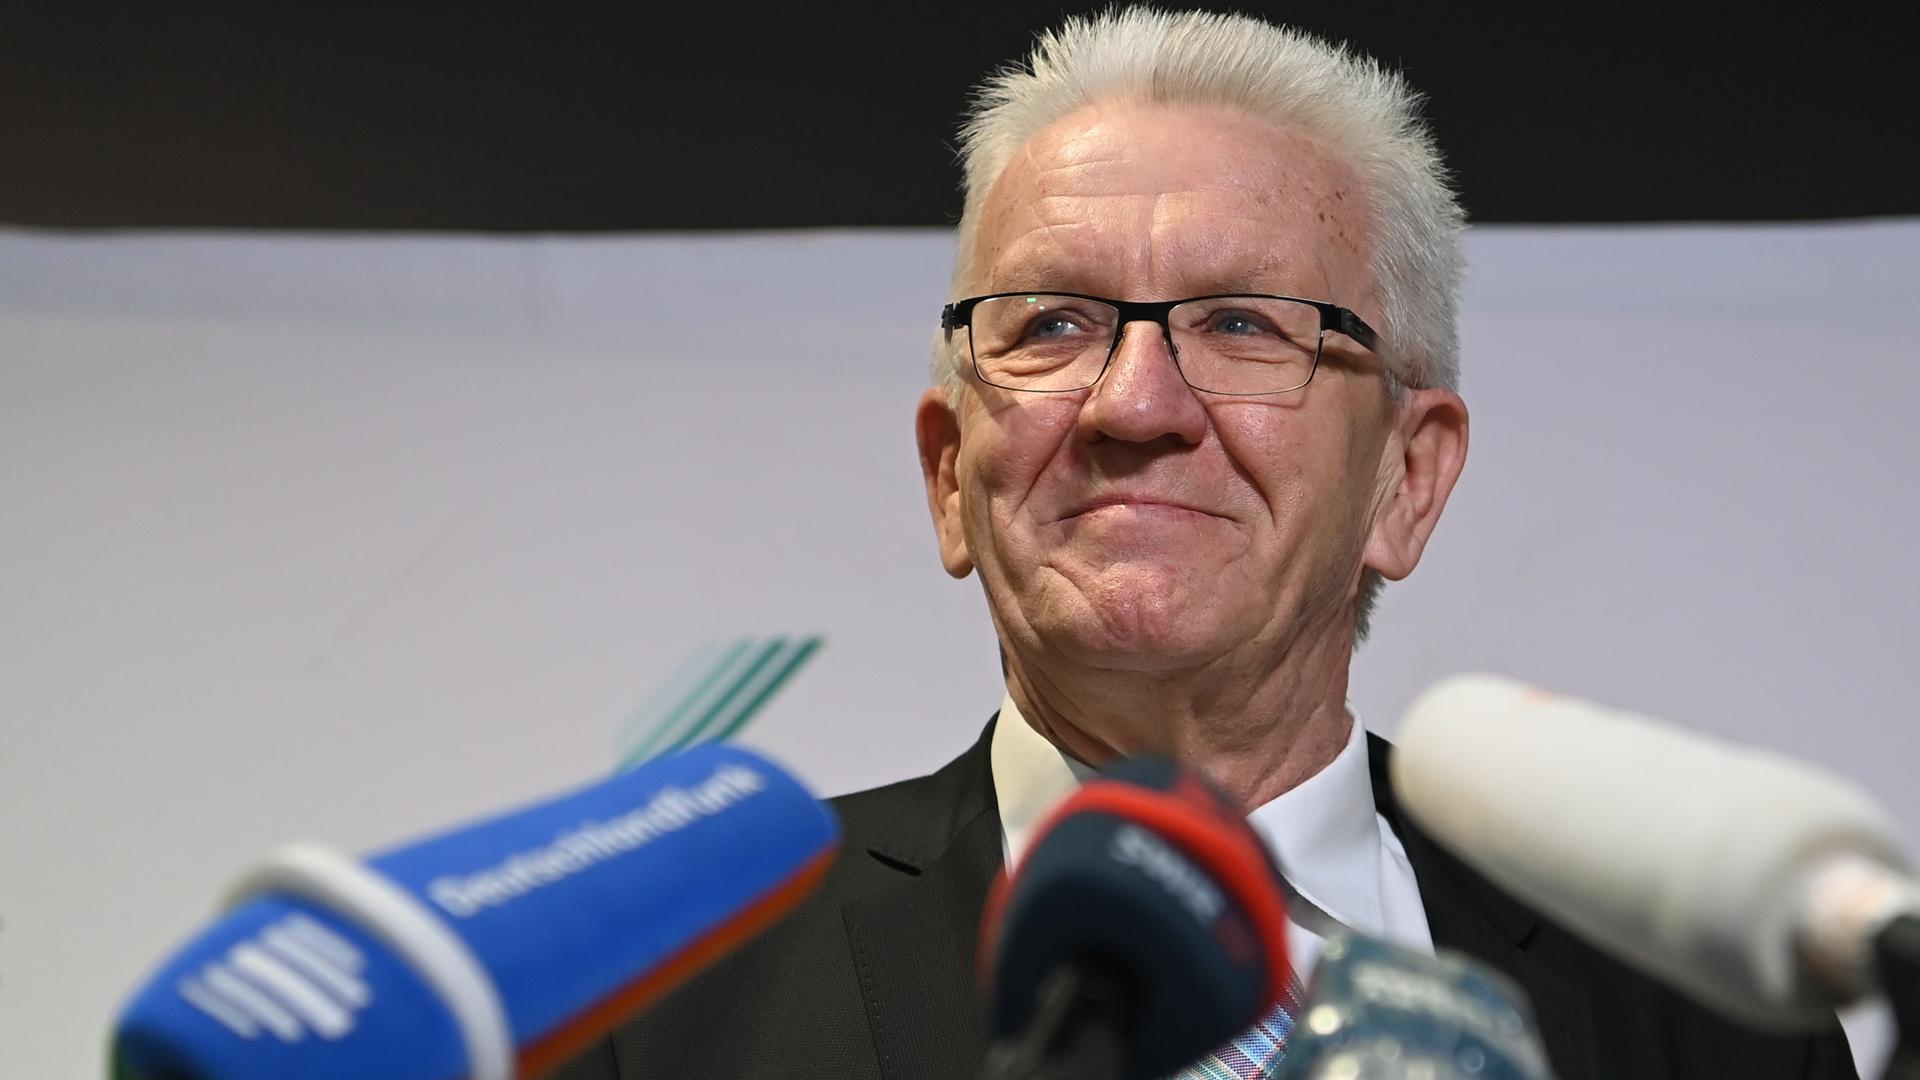 Wer wird Regierungspartner? Der baden-württembergische Ministerpräsident Winfried Kretschmann hat die Wahl: Will er in einer Ampel-Koaliton regieren oder das Bündnis mit der CDU auch in den kommenden Jahren fortsetzen?